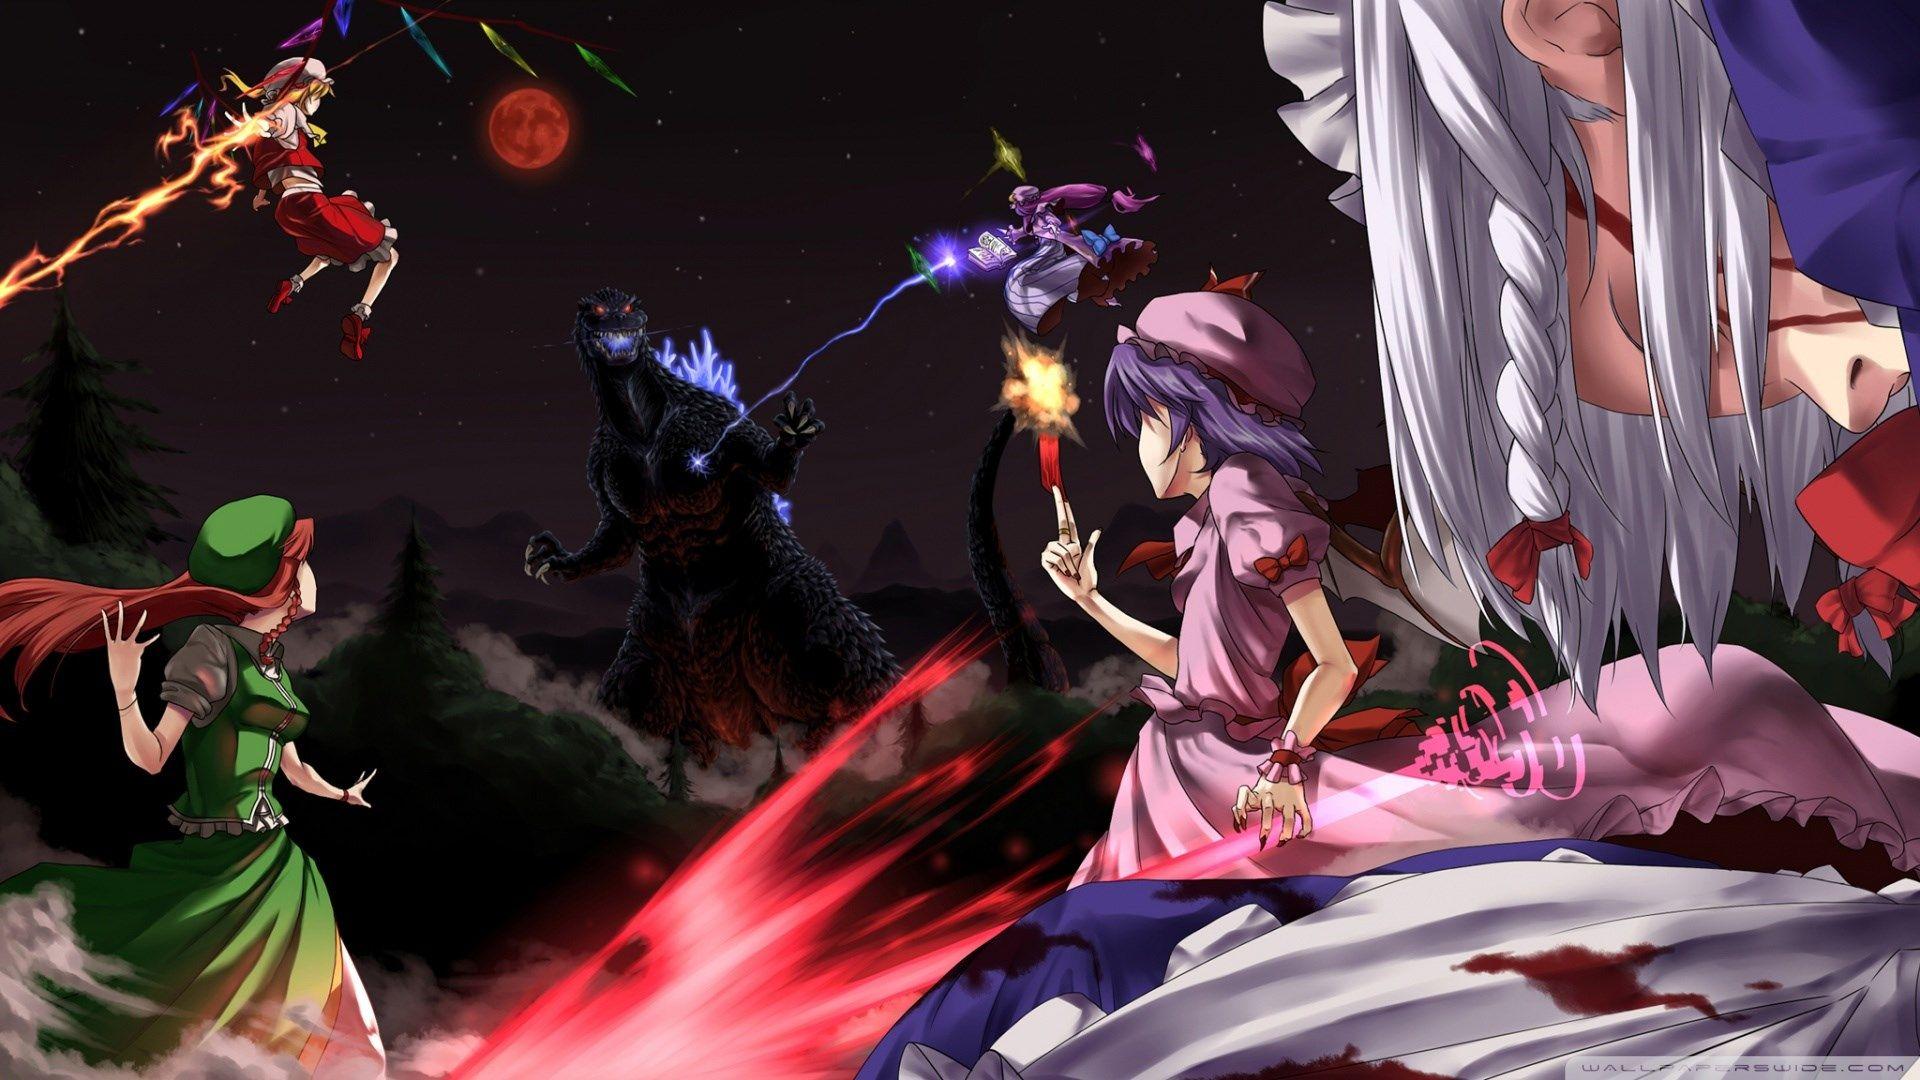 touhou hd Anime, Godzilla, Wallpaper